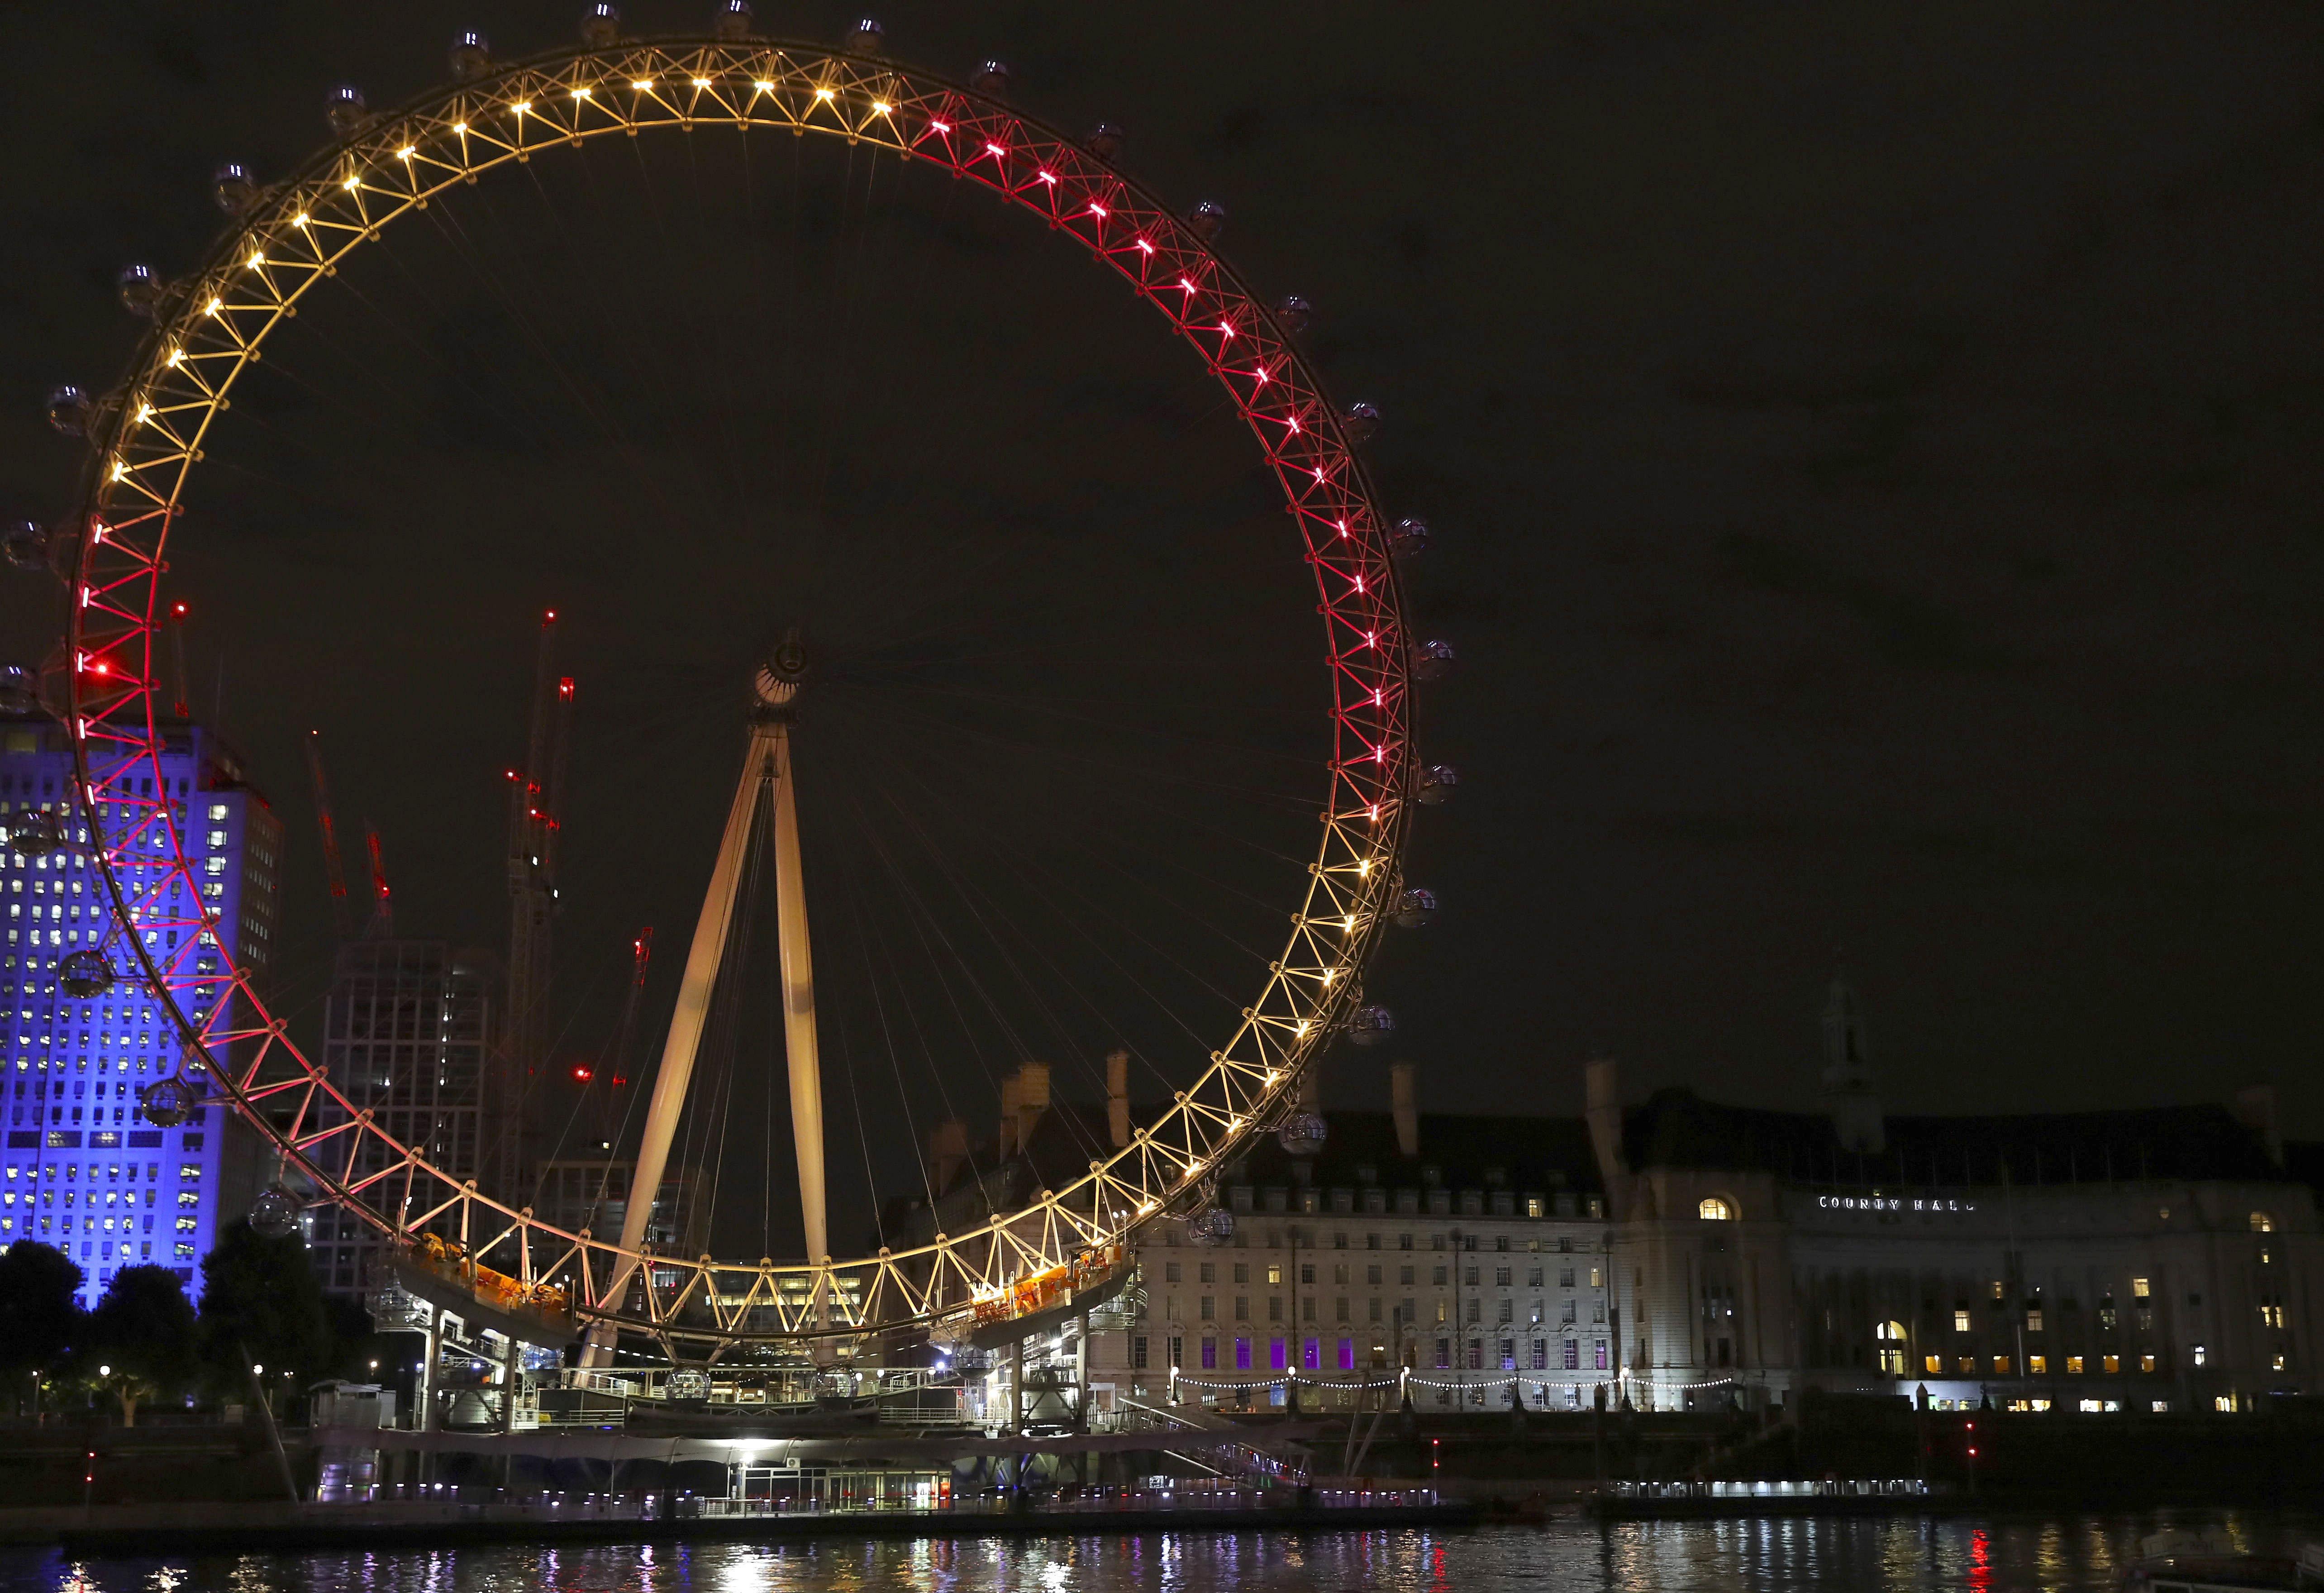 El London Eye il·luminat amb els colors de la bandera espanyola en honor de la visita oficial dels Reis d'Espanya al Regne Unit. /BALLESTEROS